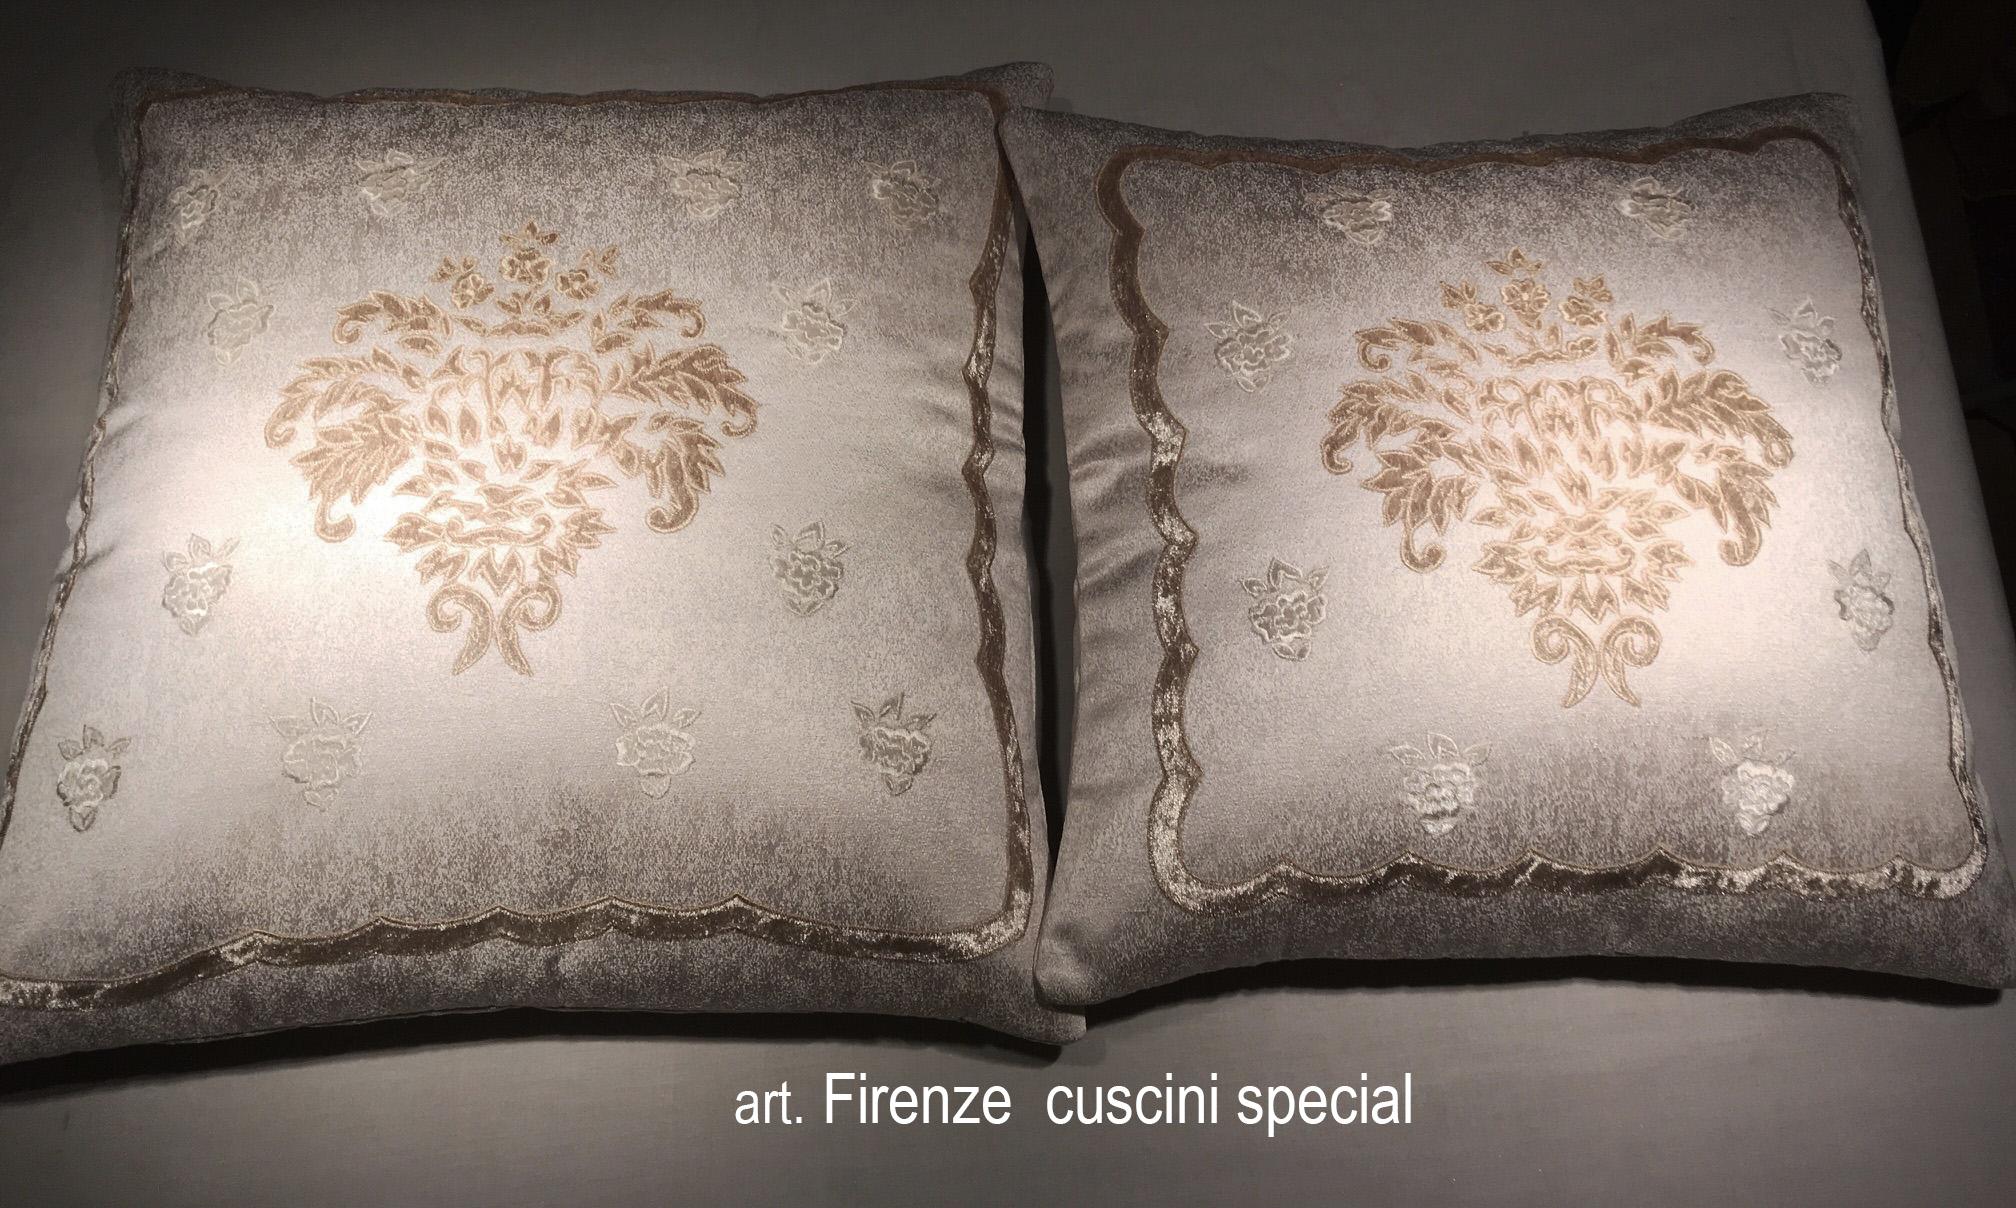 07 Firenze cuscini special